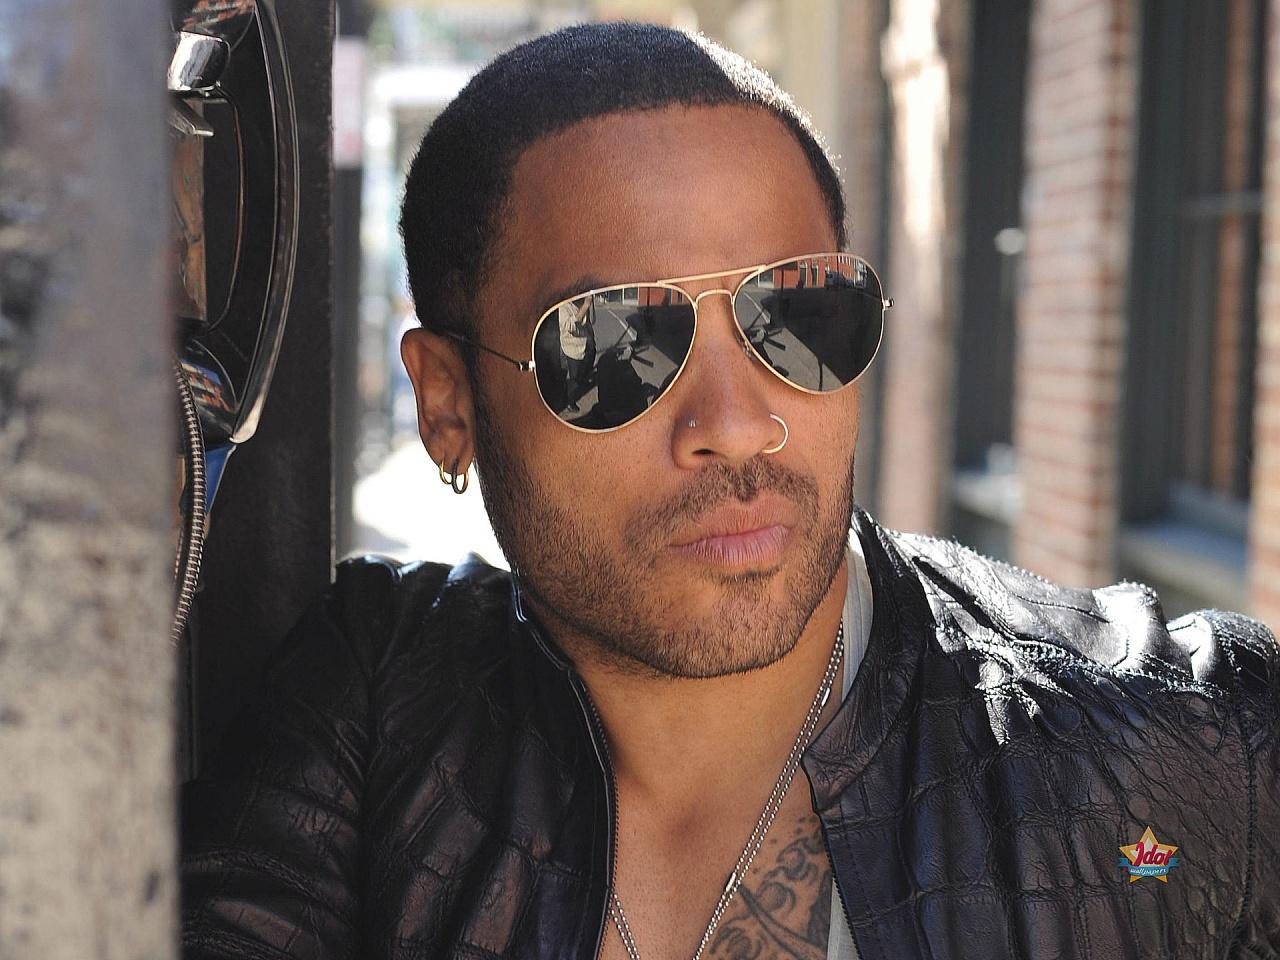 http://1.bp.blogspot.com/-tCEhrFhznEU/T-zSmLawTPI/AAAAAAAACvE/ykWKepTTbxo/s1600/Lenny-Kravitz-street-idolpapers-43.jpg